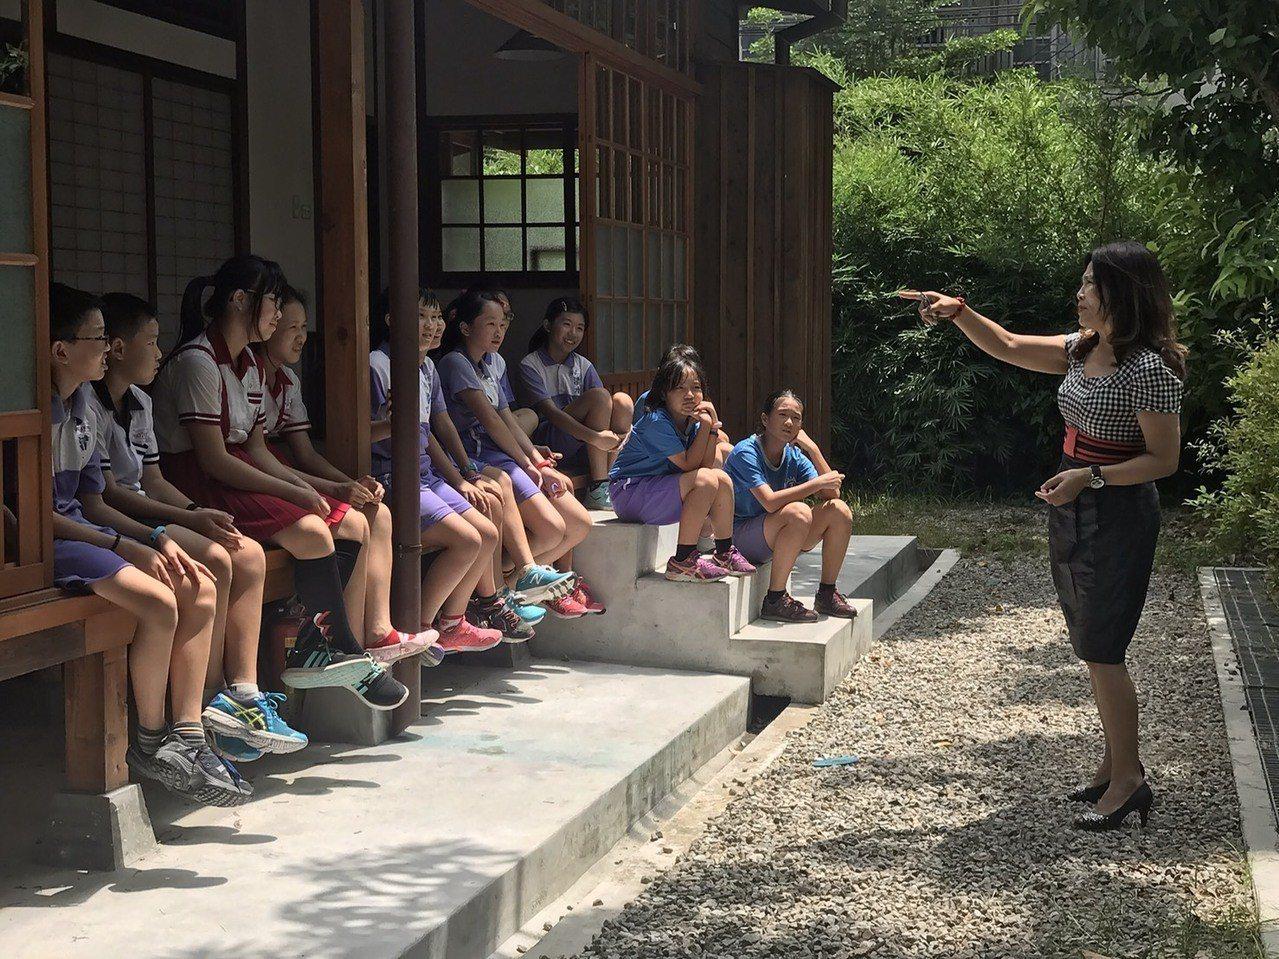 清水國小成立古蹟「導覽小尖兵」,以五感體驗日式宿舍群的歷史。記者黑中亮/攝影